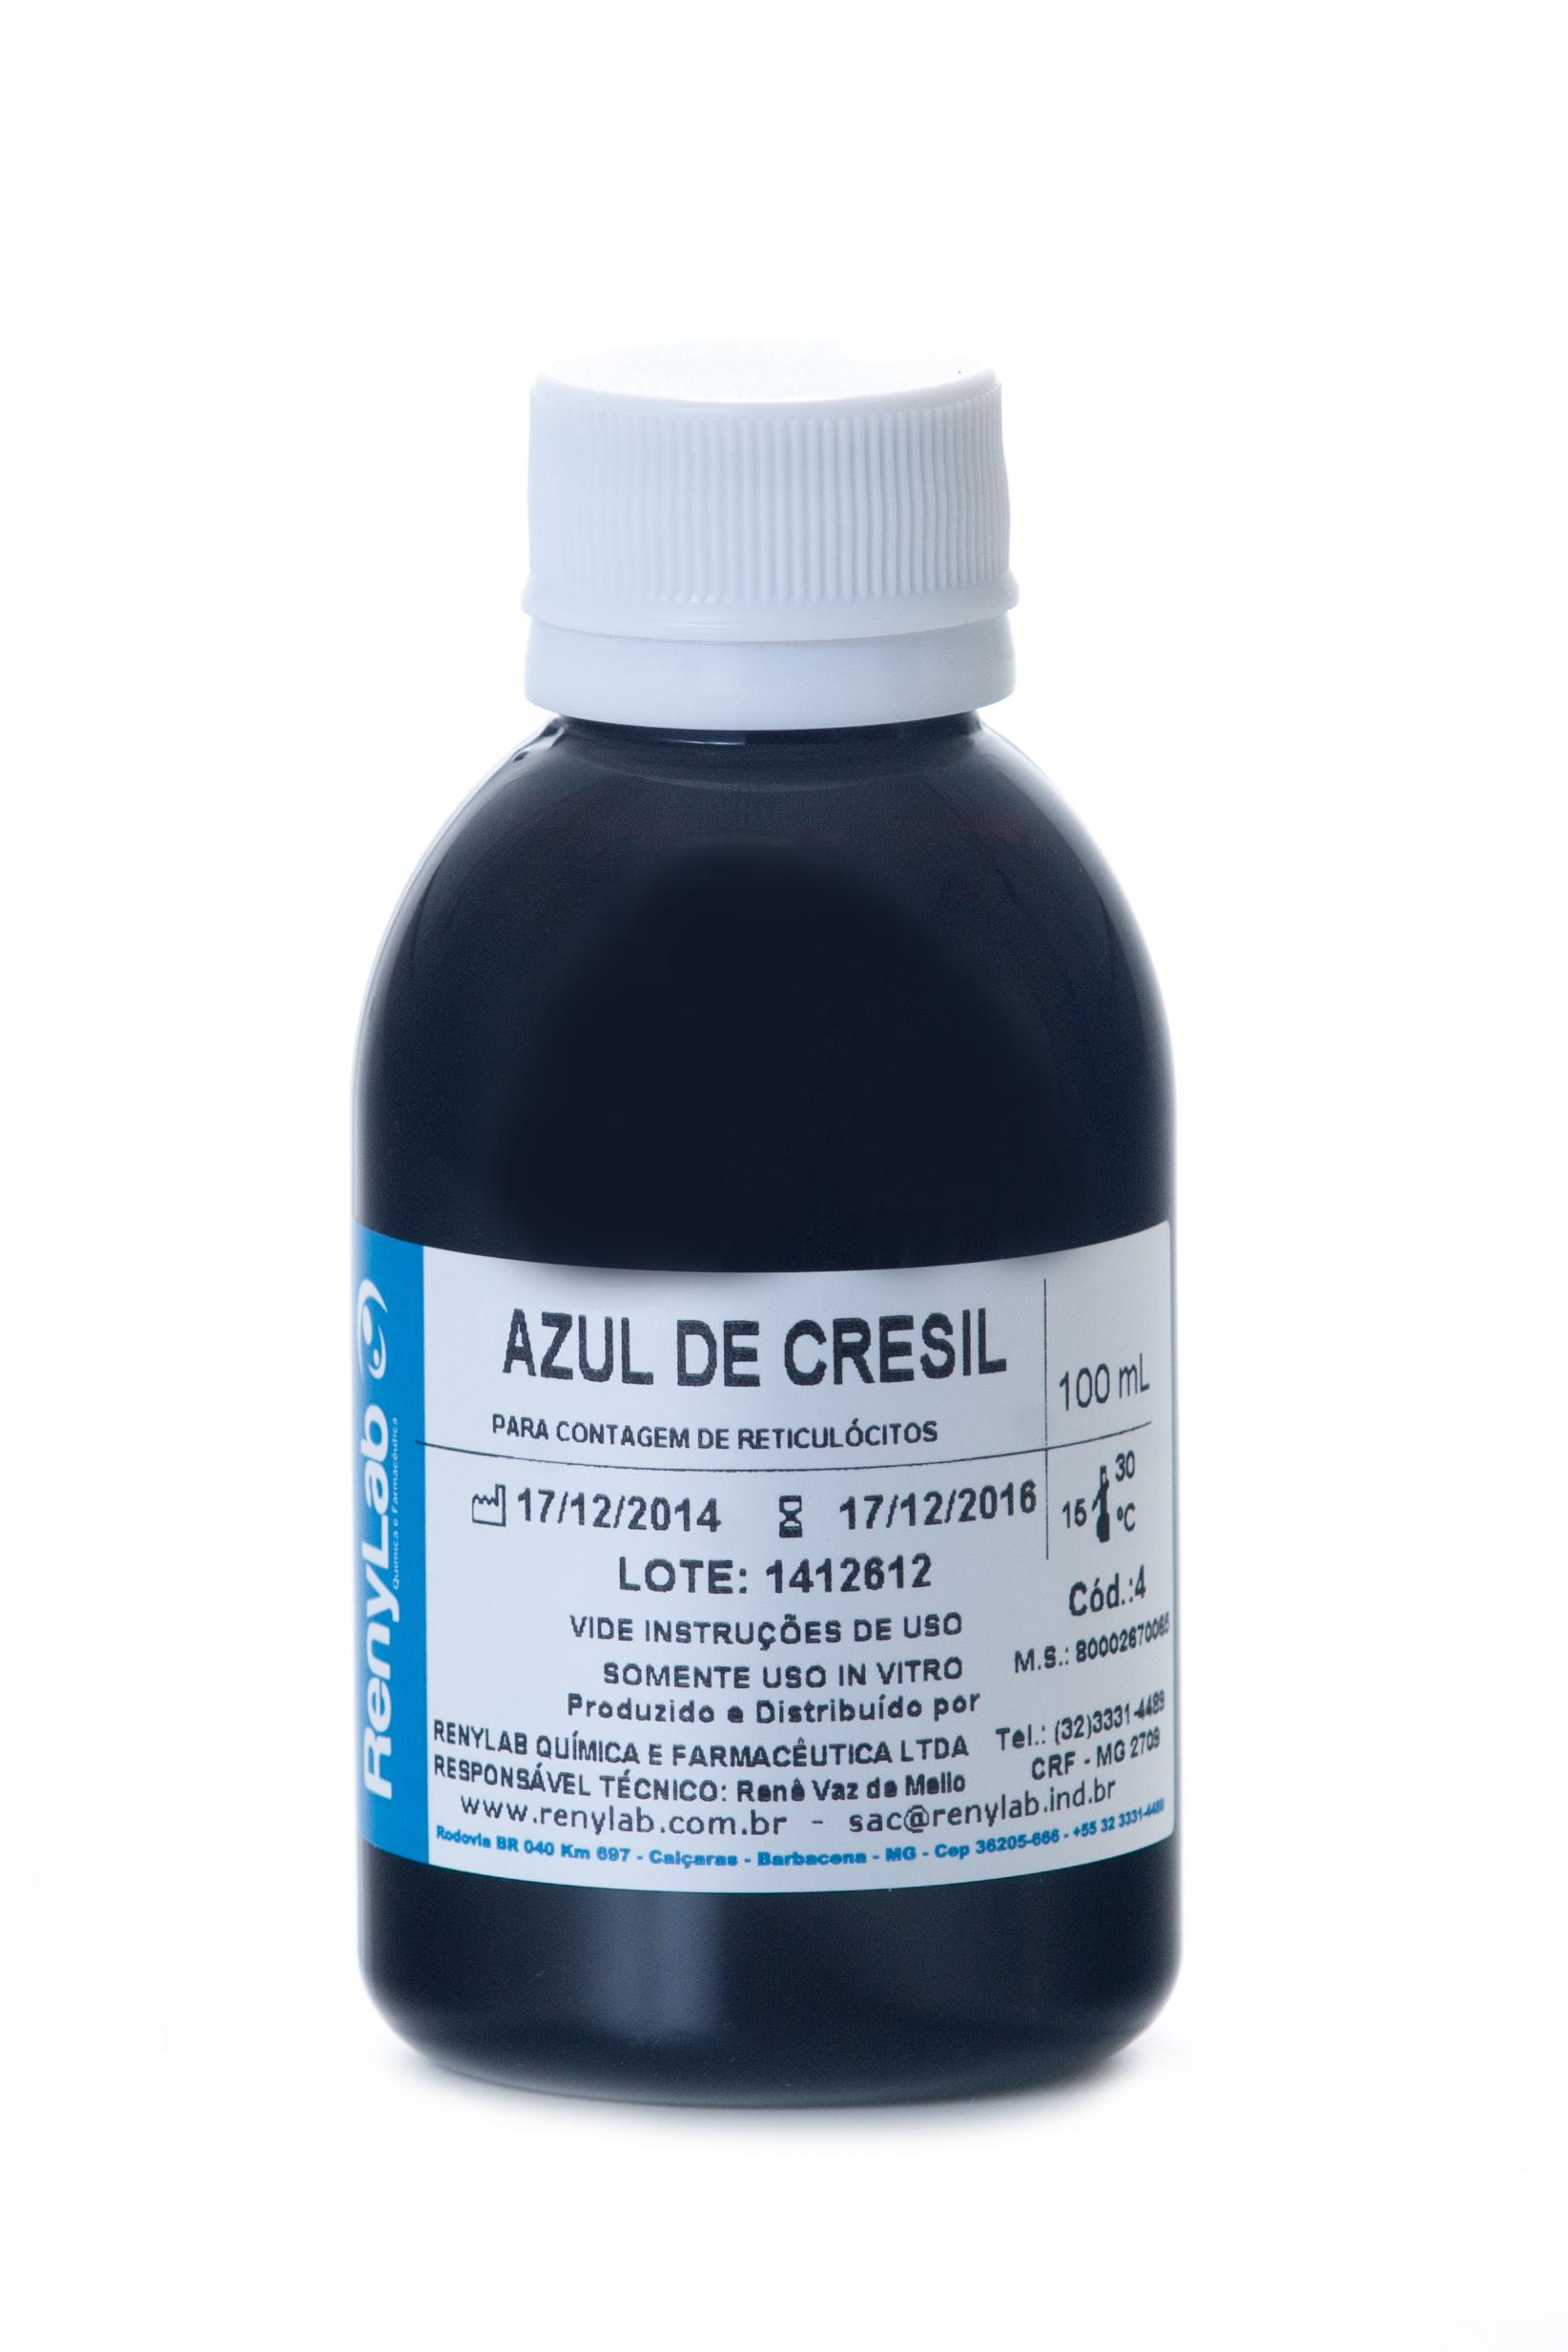 Azul de Cresil